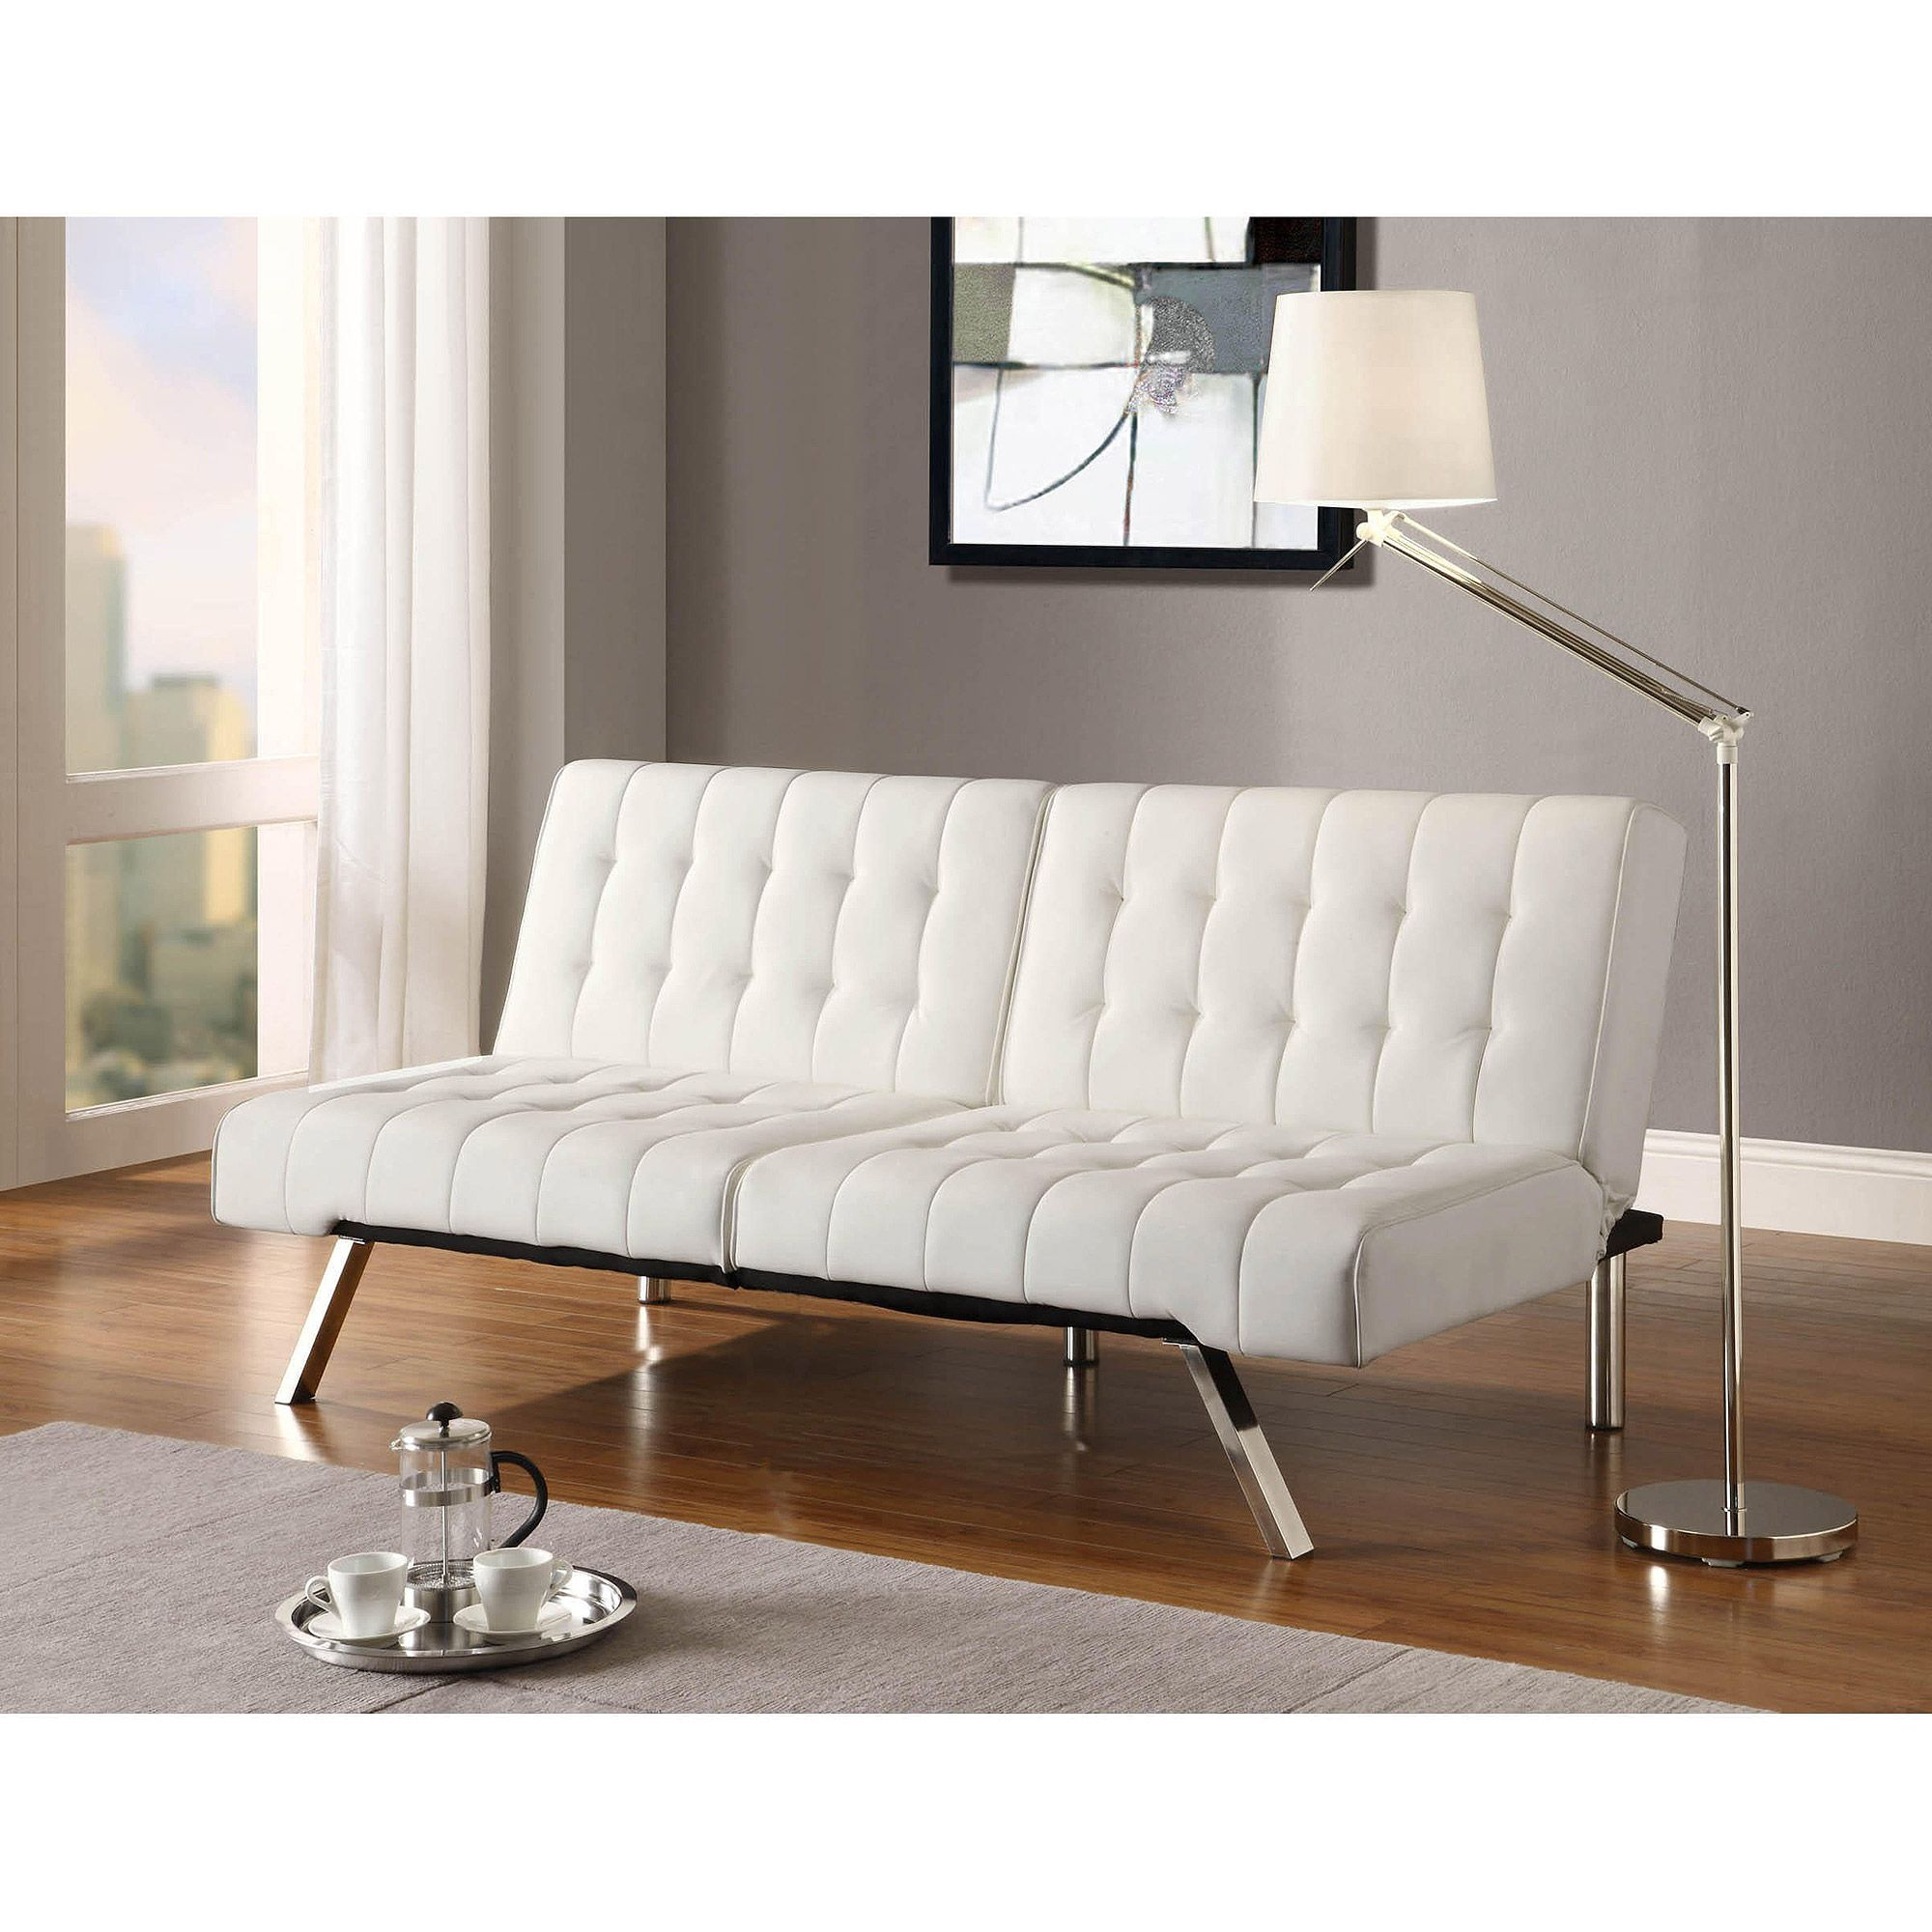 Home Leather Futon White Futon Futon Sofa